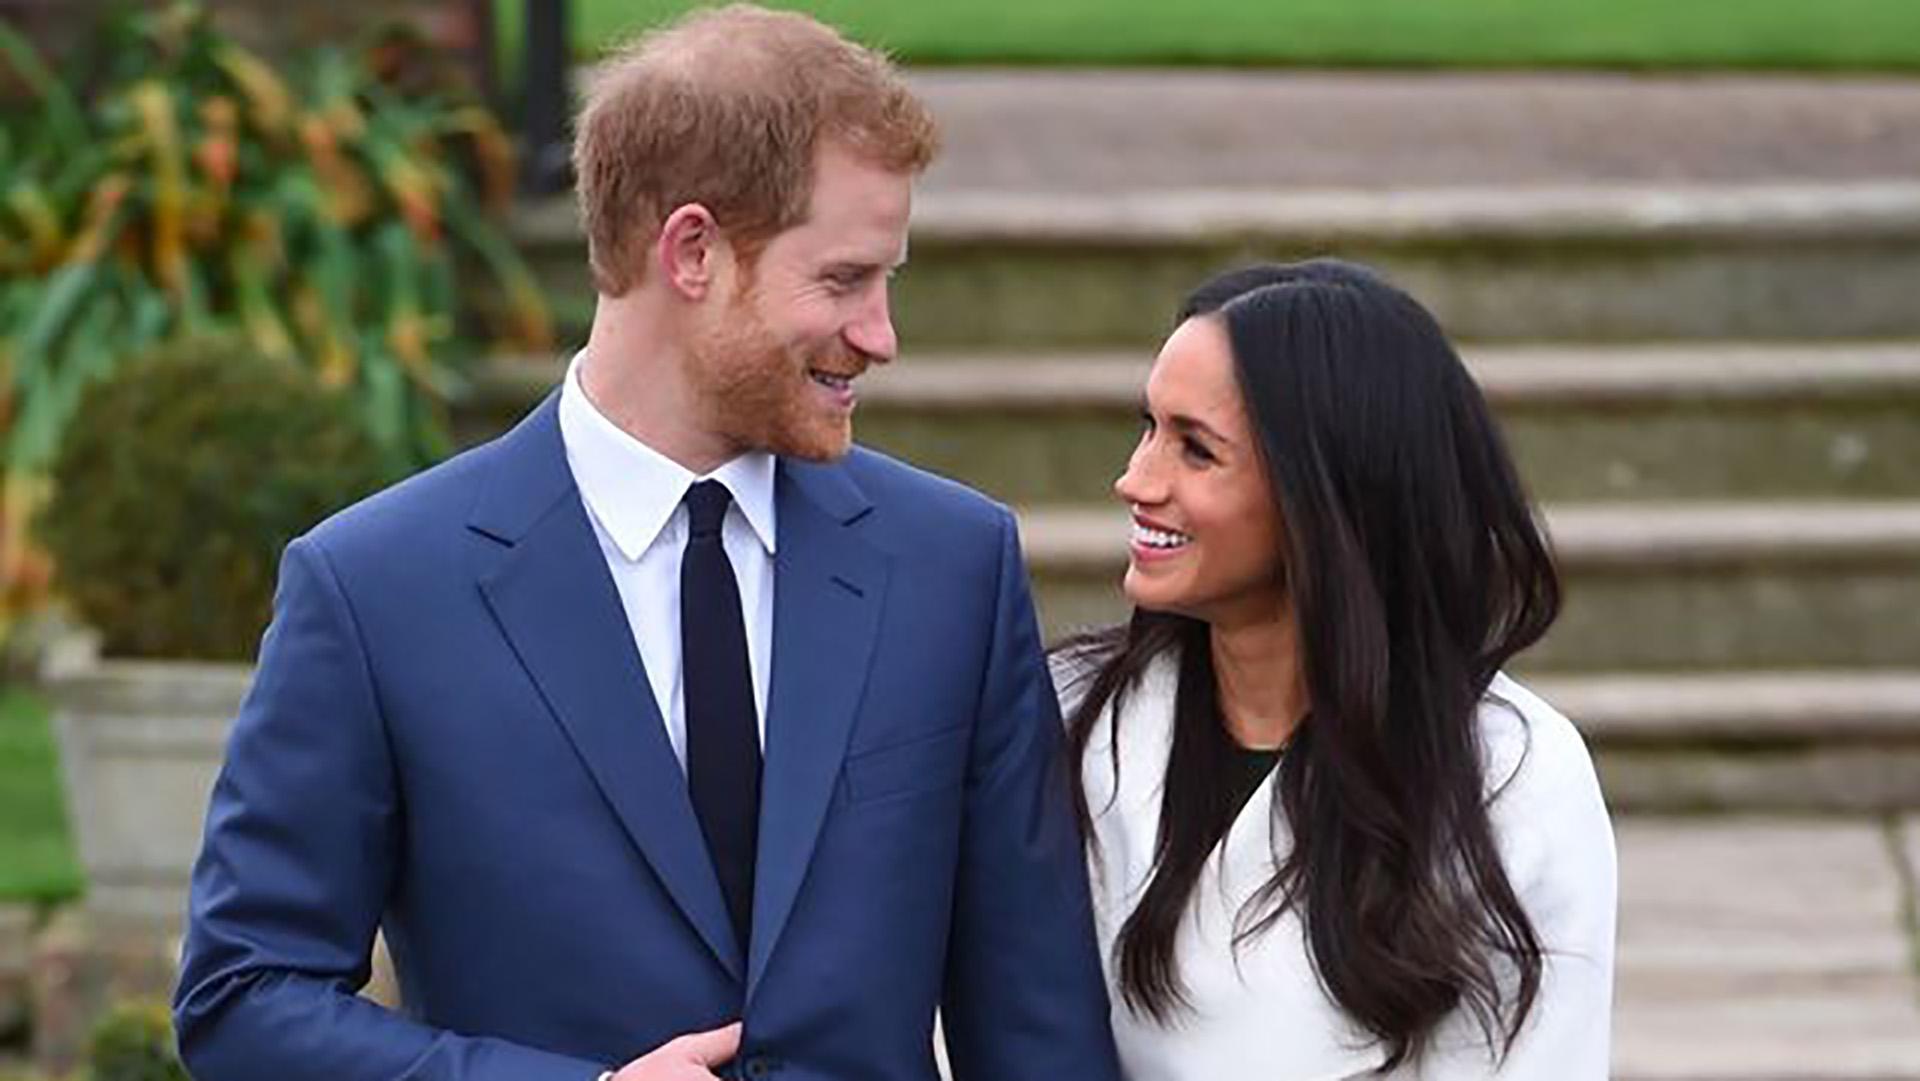 """""""Fue una sorpresa increíble. Fue muy dulce, natural y romántico"""", contó Markle sobre cómo el príncipe Harry le propuso matrimonio durante un cena en casa. """"Ni siquiera me dejó terminar. Ella me dijo '¿Puedo decir que sí'?"""", acotó Harry."""